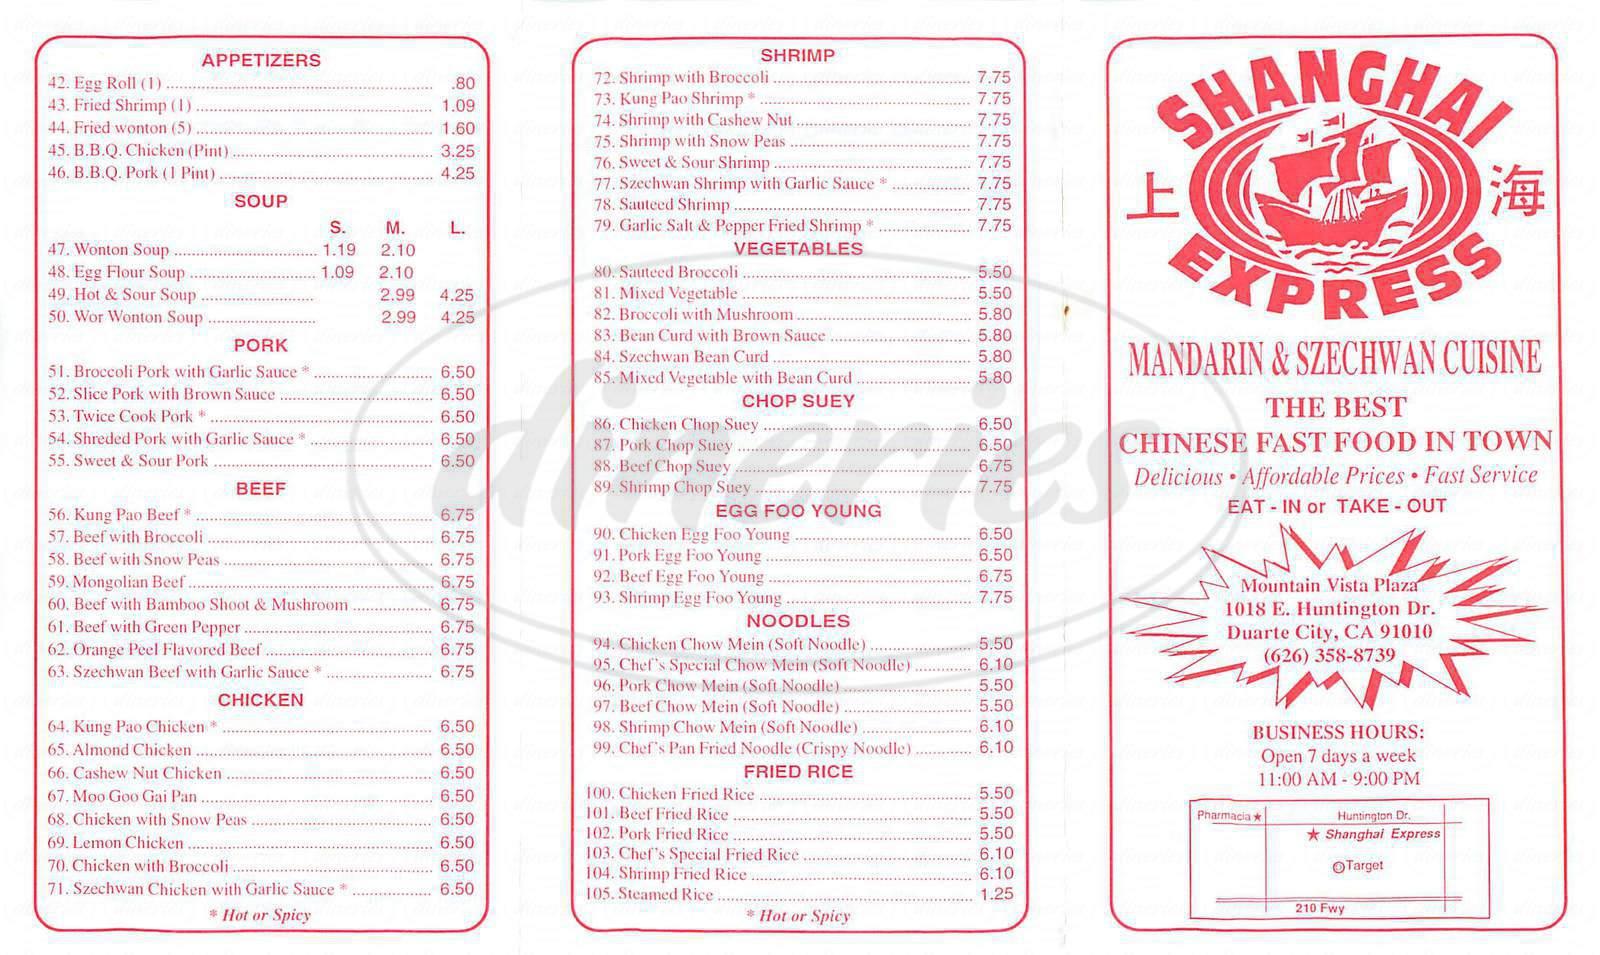 menu for Shangai Express